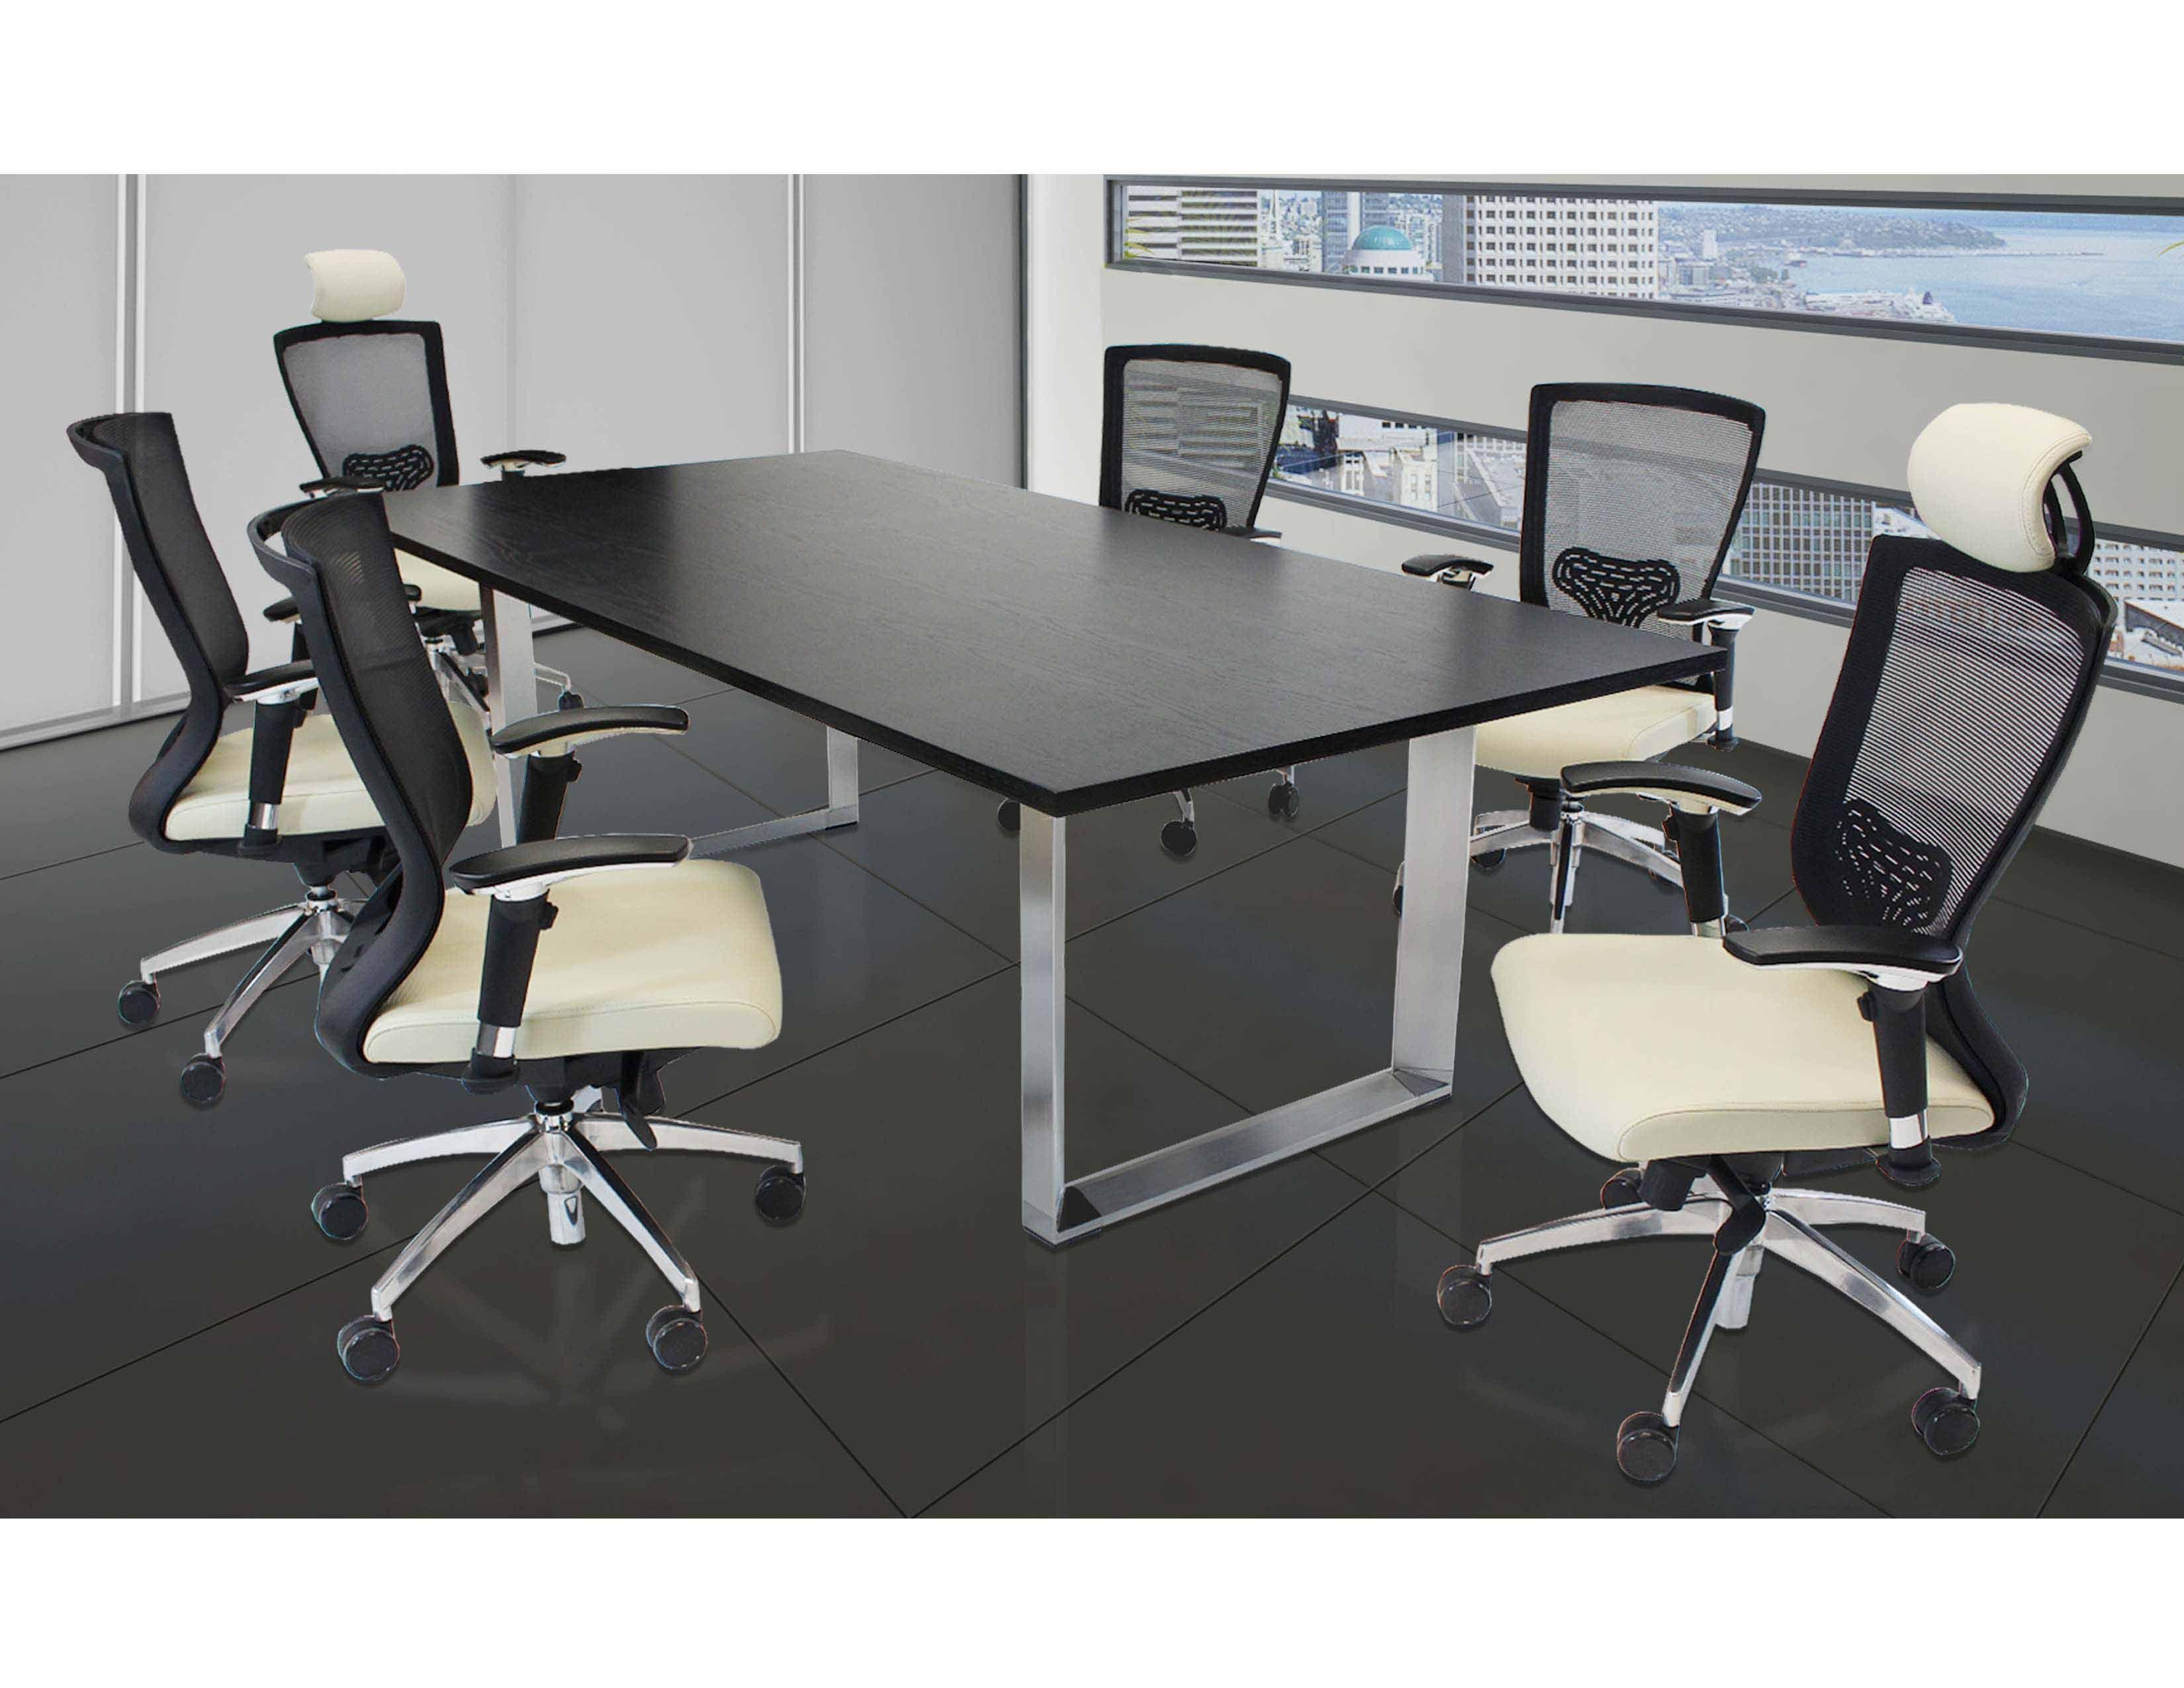 Mesa para sala de juntas v ah dise os pinterest - Mesa de juntas ...